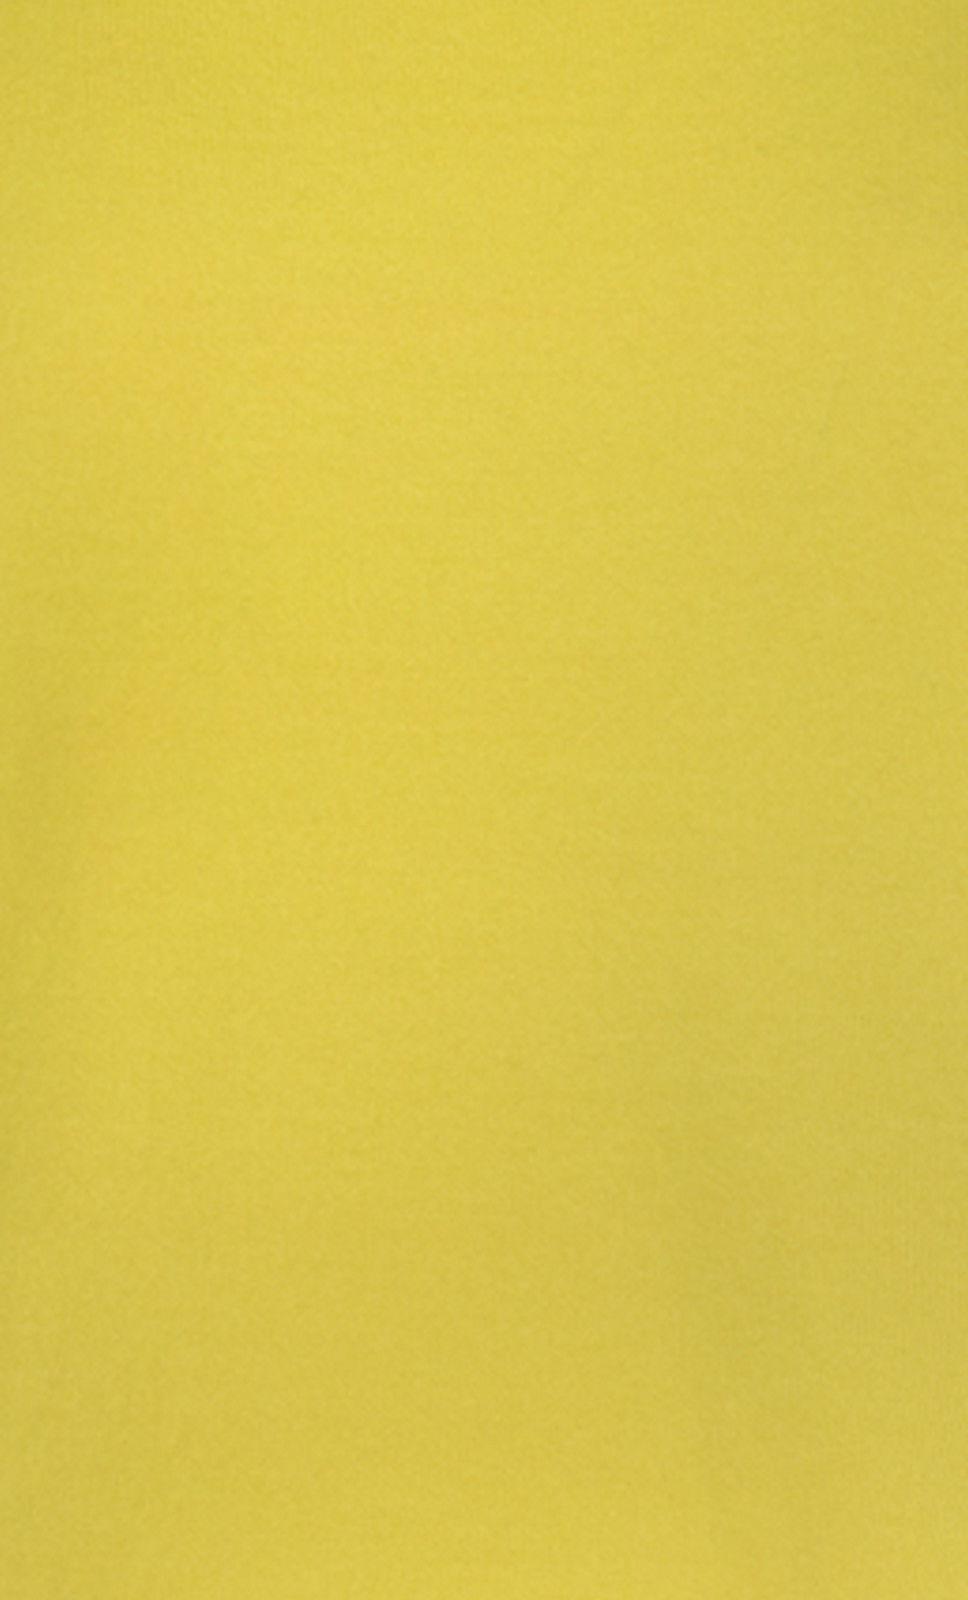 Cottonclub-Lemon-Yellow